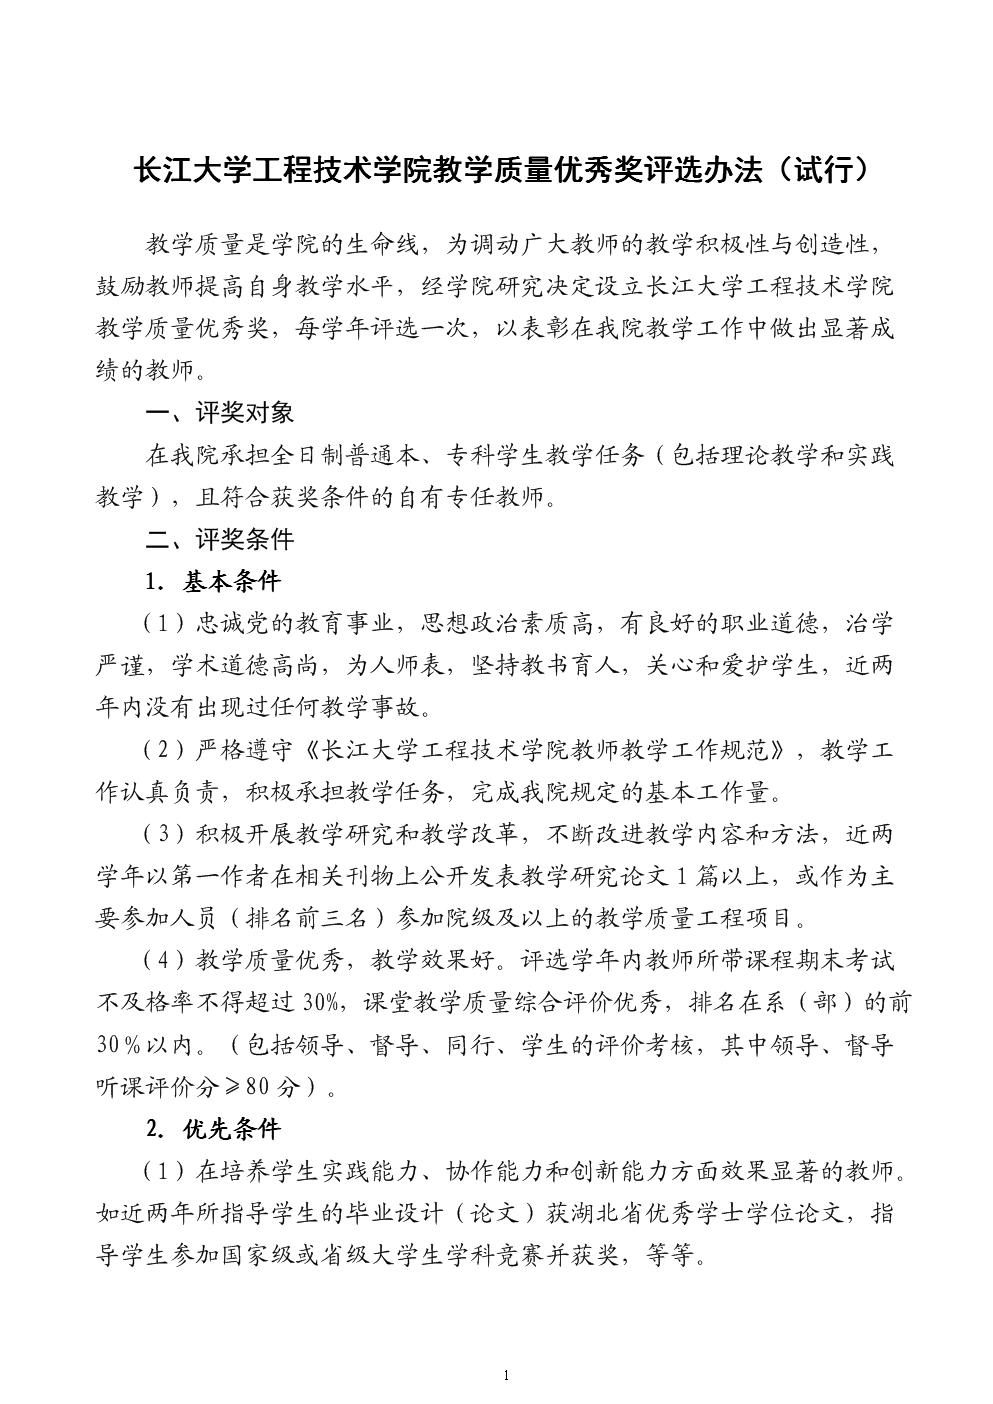 长江大学工程技术大学教学质量优秀奖评选办法(试行).